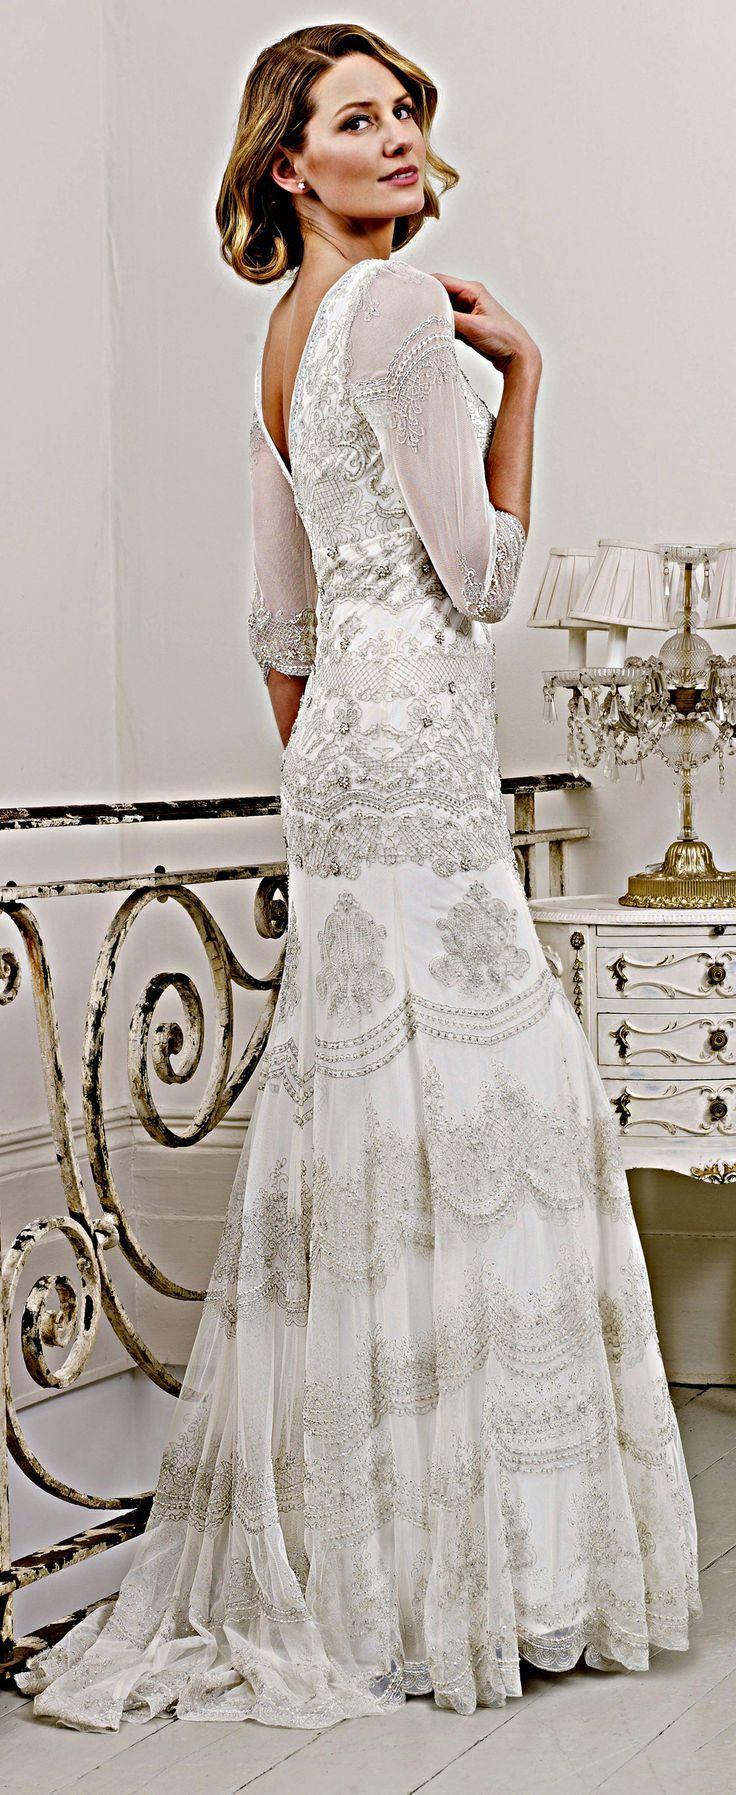 wedding dresses for senior brides | Best Wedding Dresses For Older ...